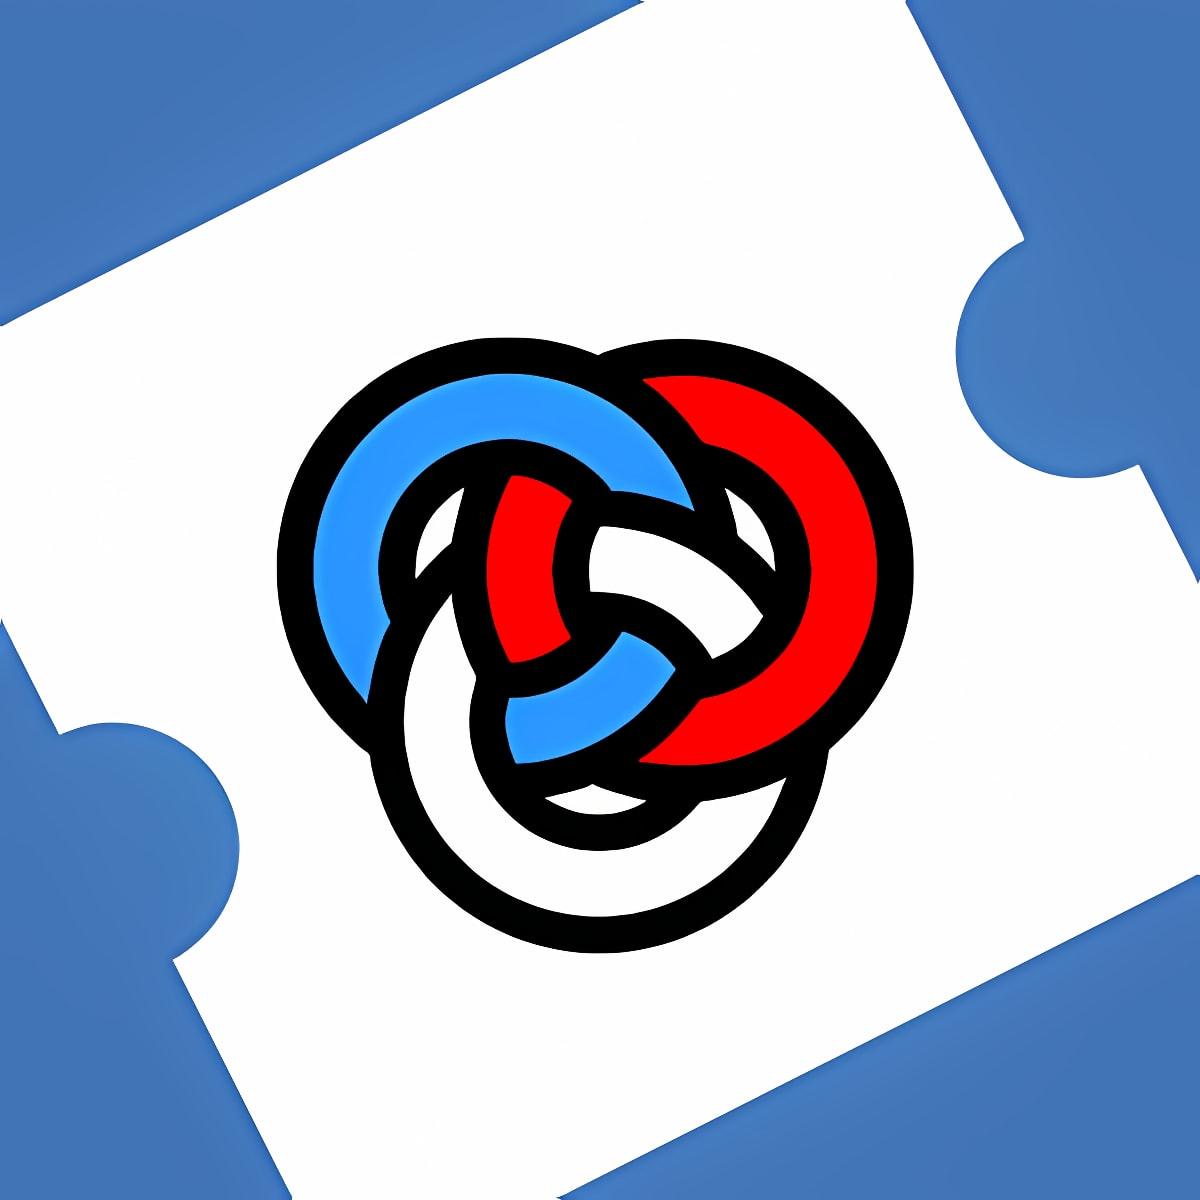 Primerica Event App 5.10.2